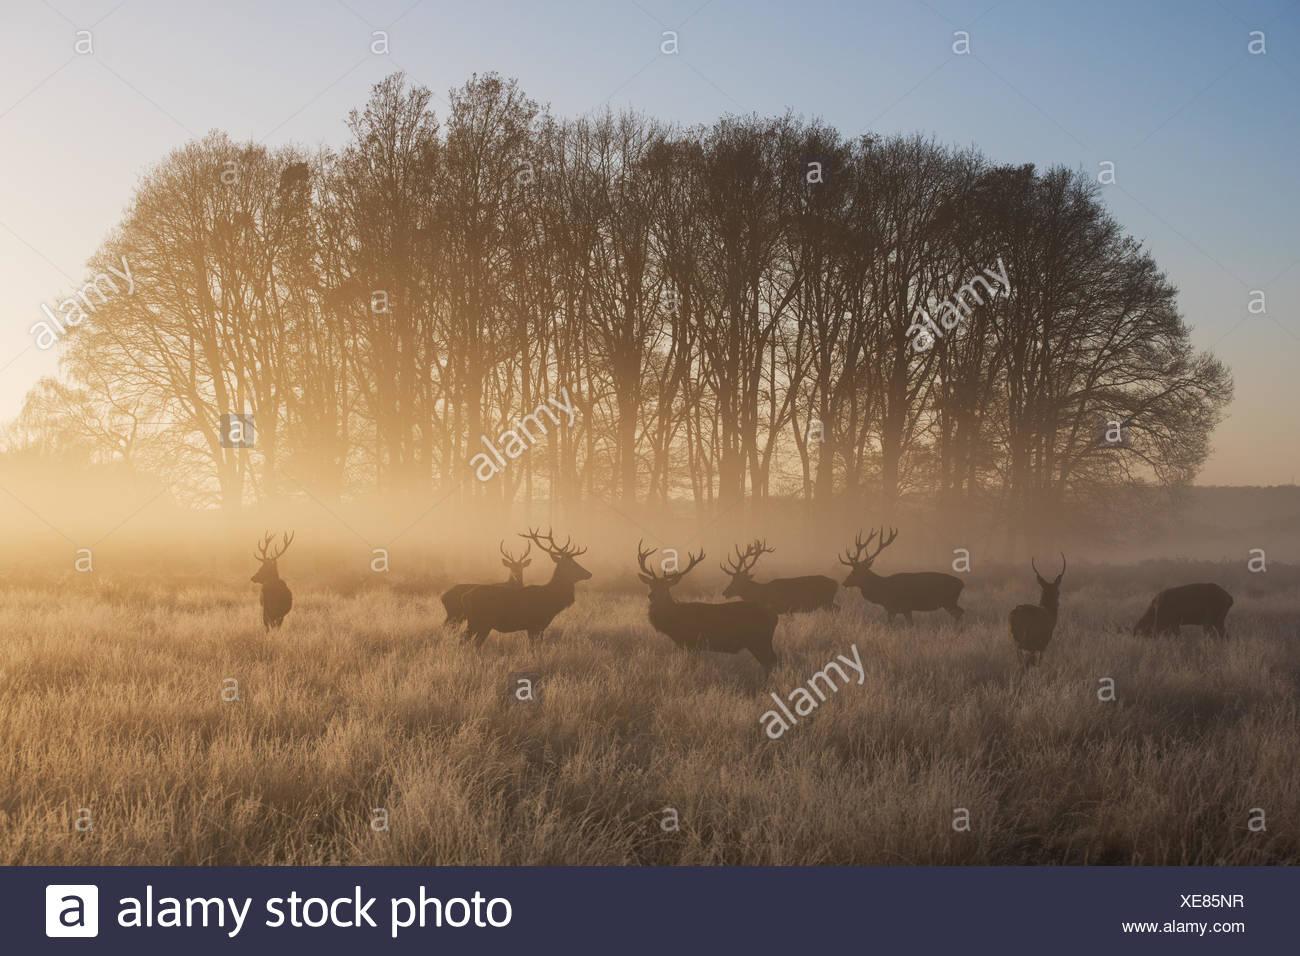 Un grande gruppo di cervi cervi, Cervus elaphus, in Richmond Park all'alba. Immagini Stock